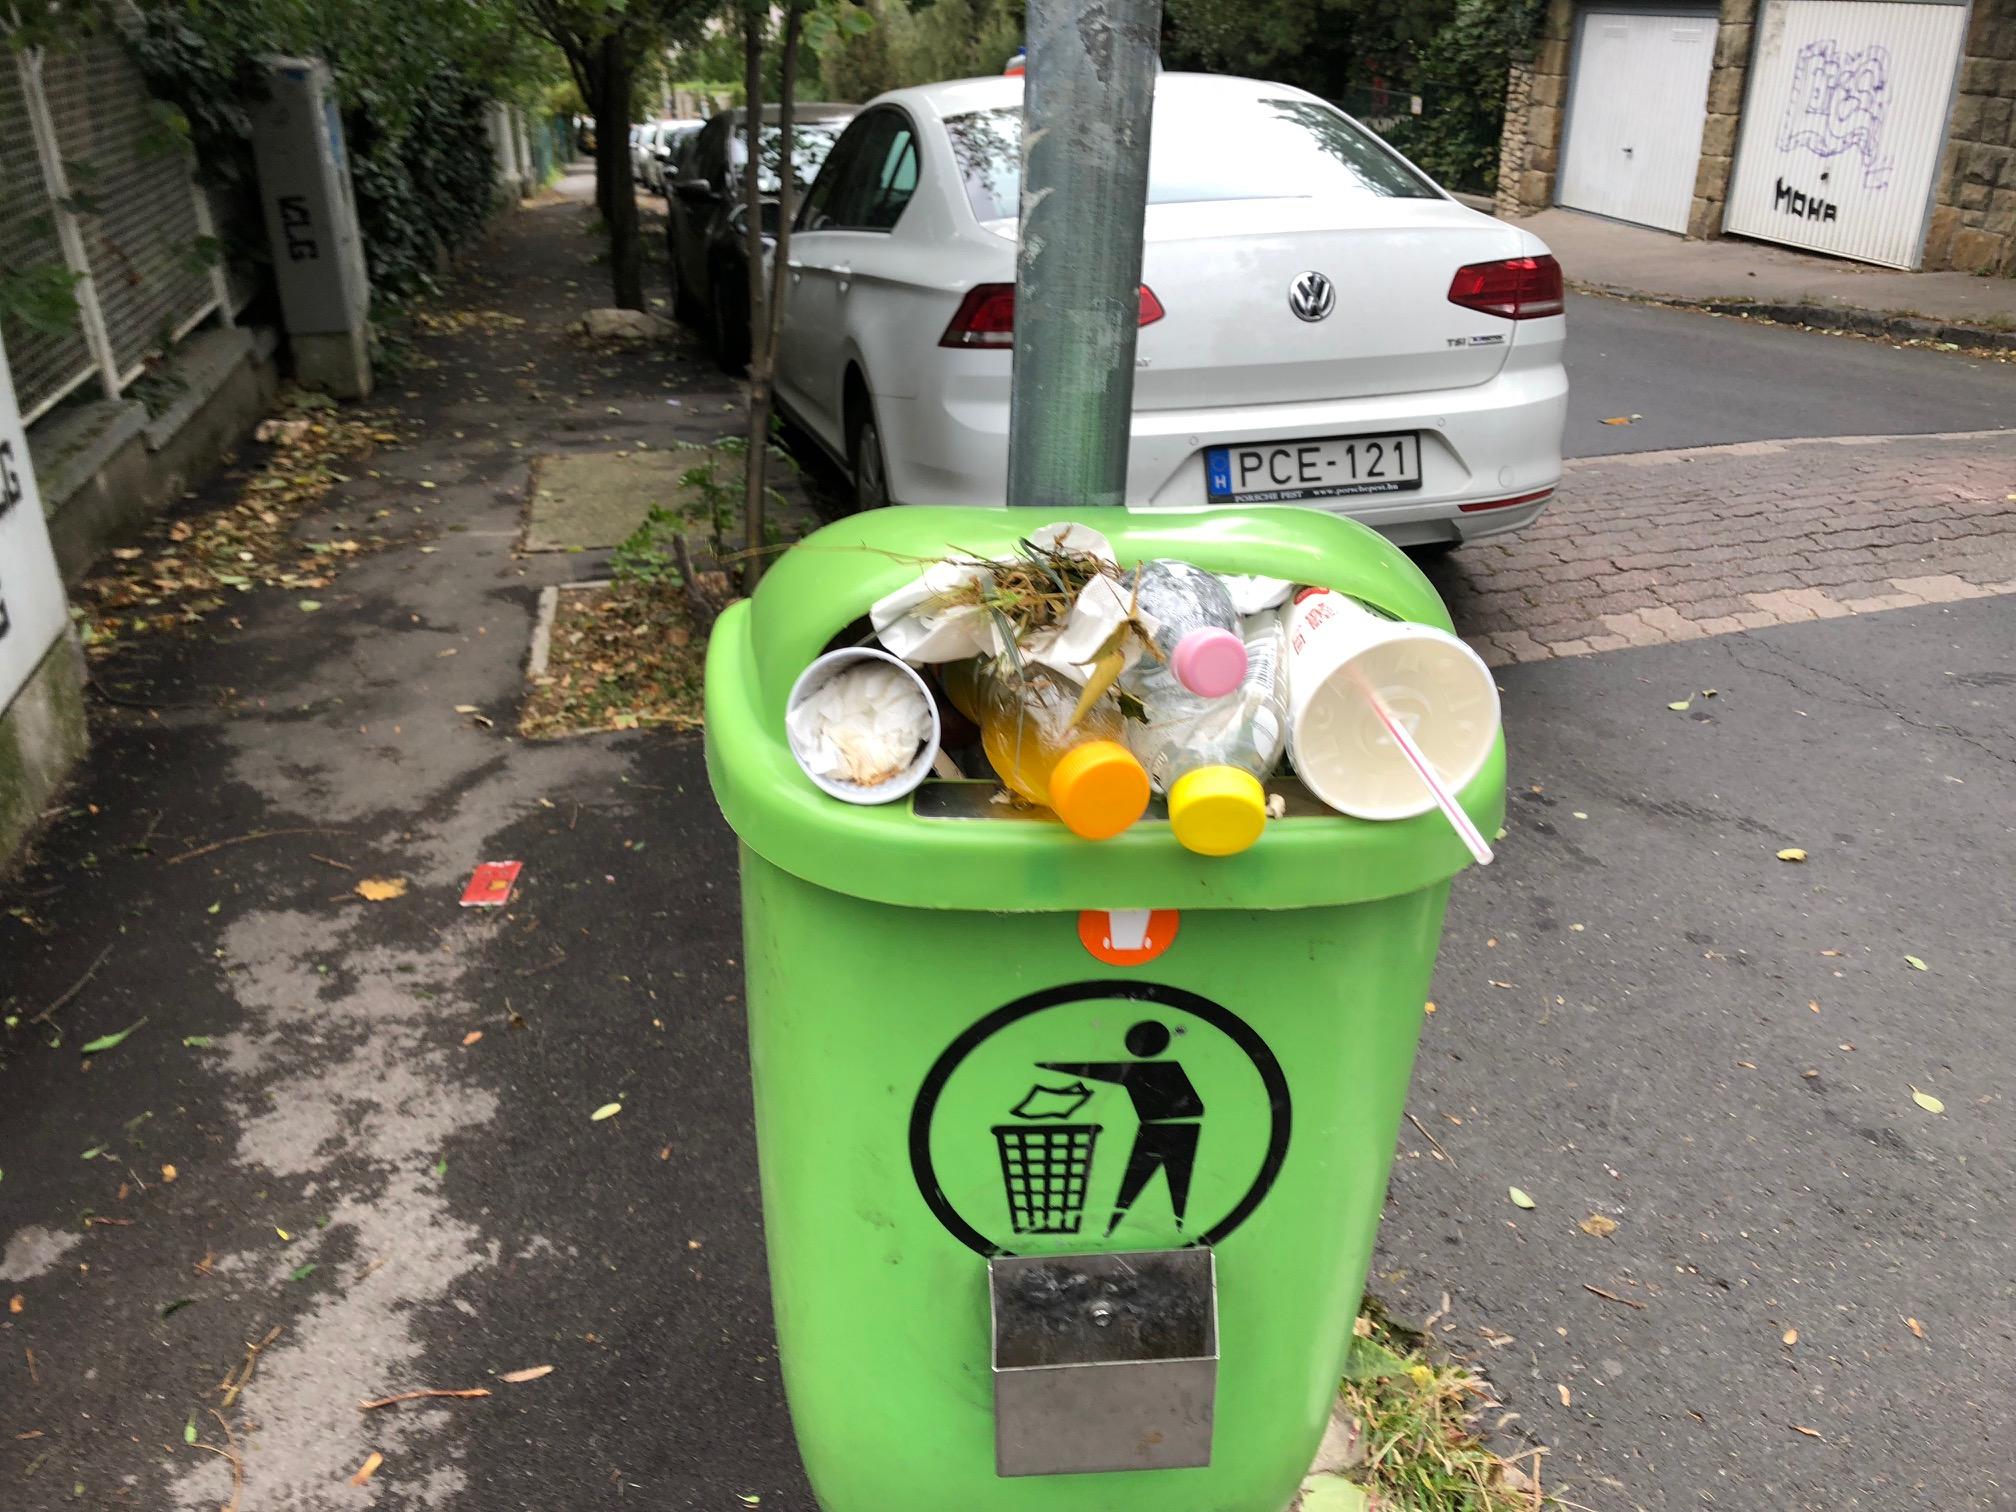 Hahó budapestiek! Nálatok sem ürítik az utcai szemeteseket hetek óta?